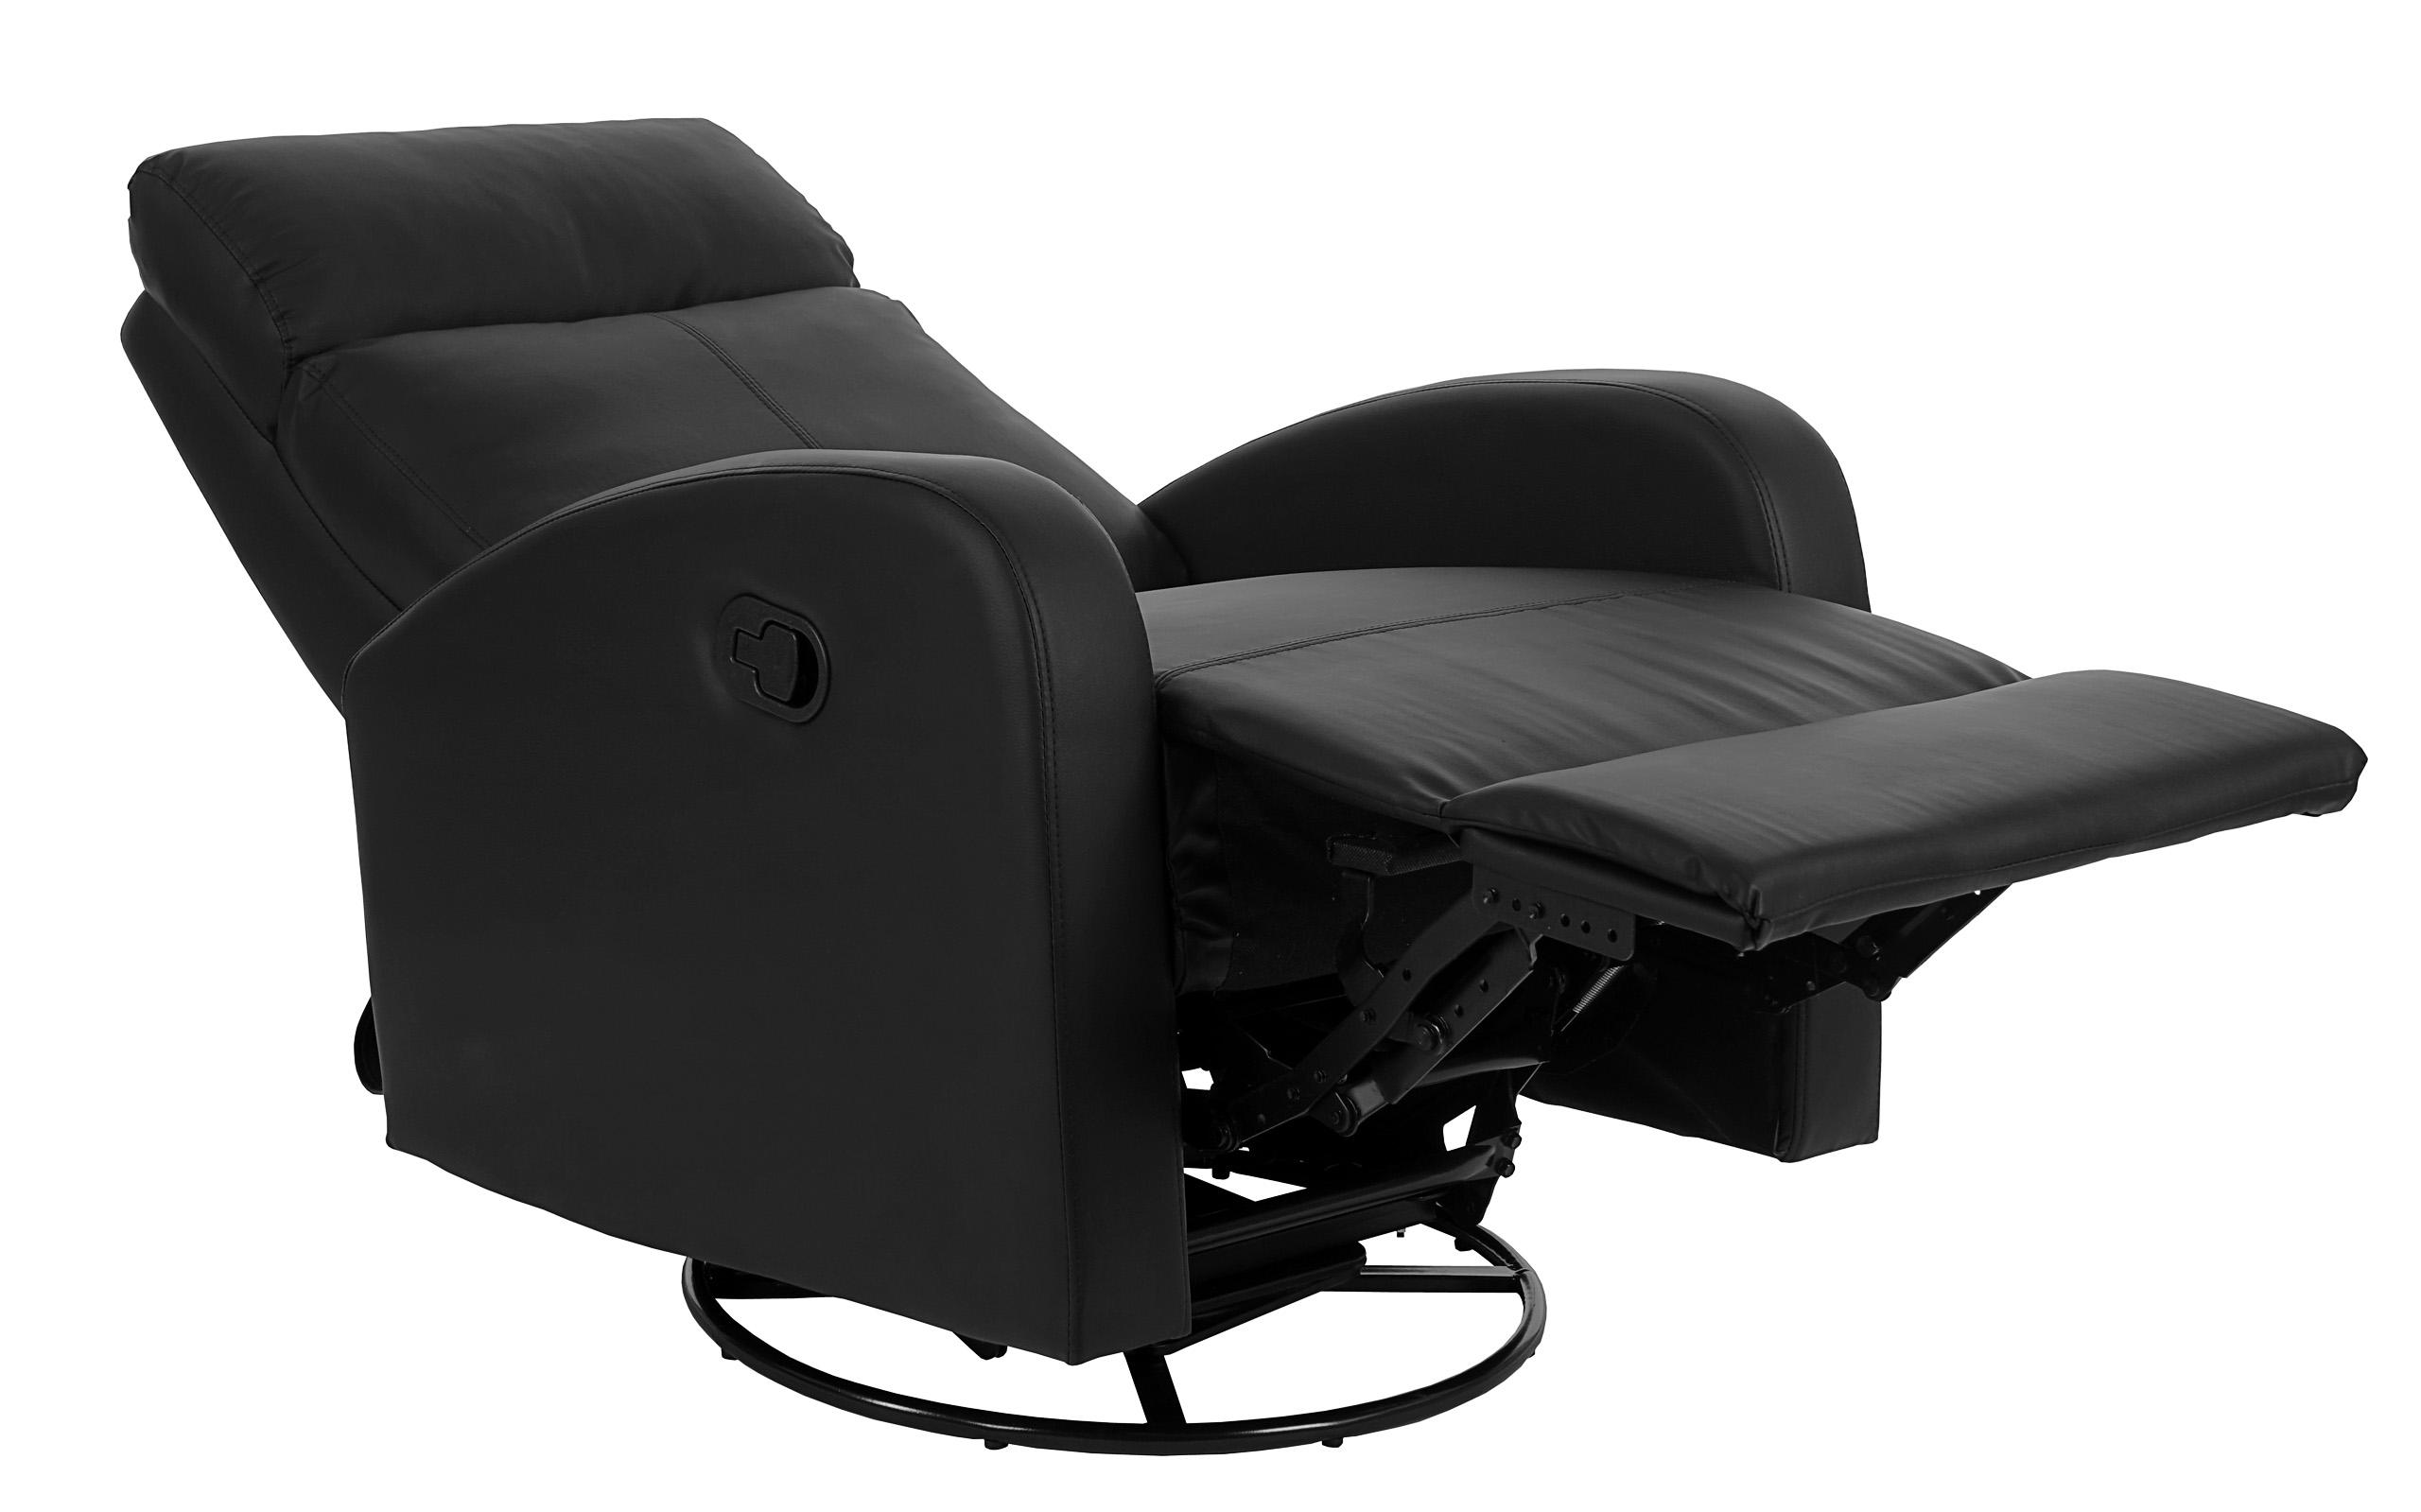 fernsehsessel hwc premium drehbar mit wippfunktion schwarz. Black Bedroom Furniture Sets. Home Design Ideas